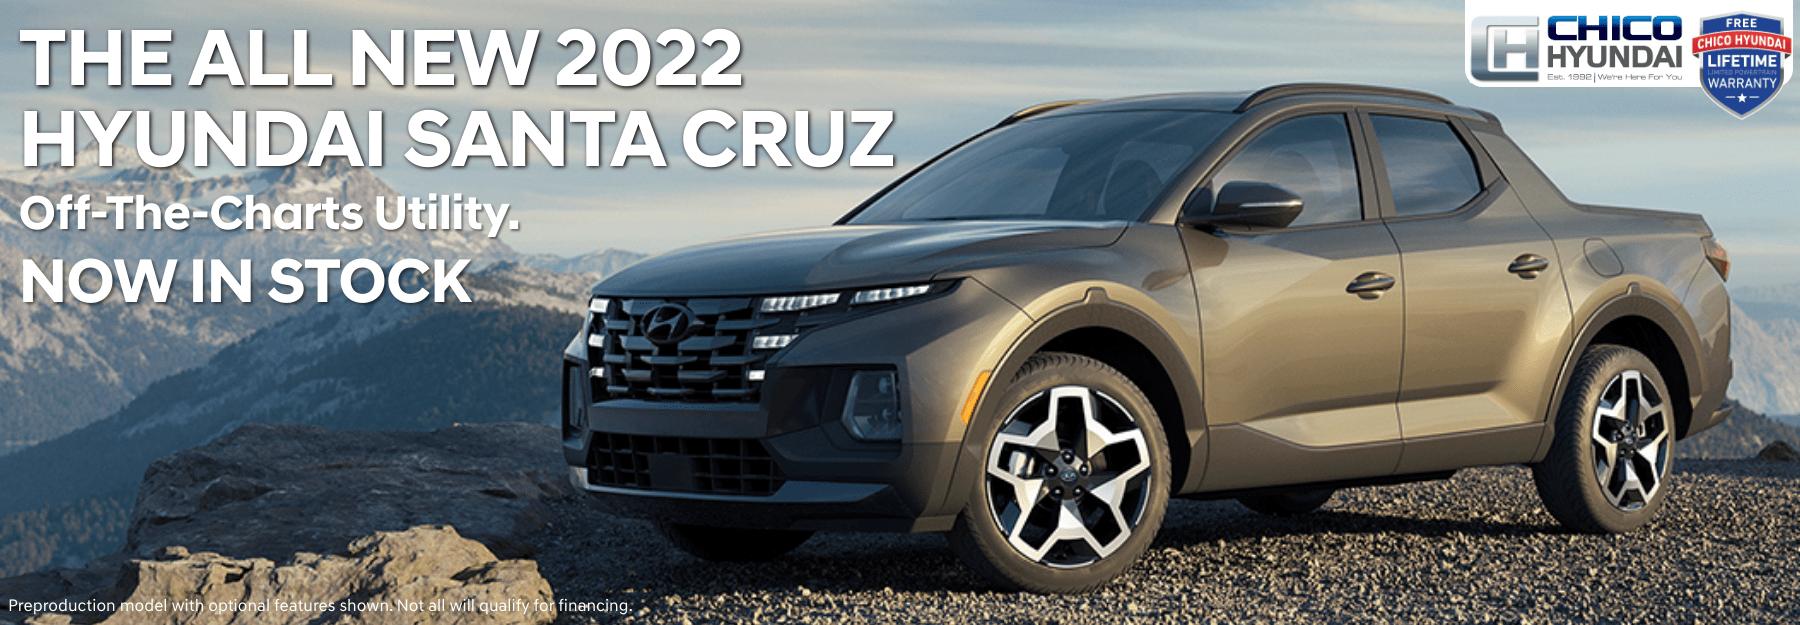 Santa Cruz In Stock Now!-1800x625px